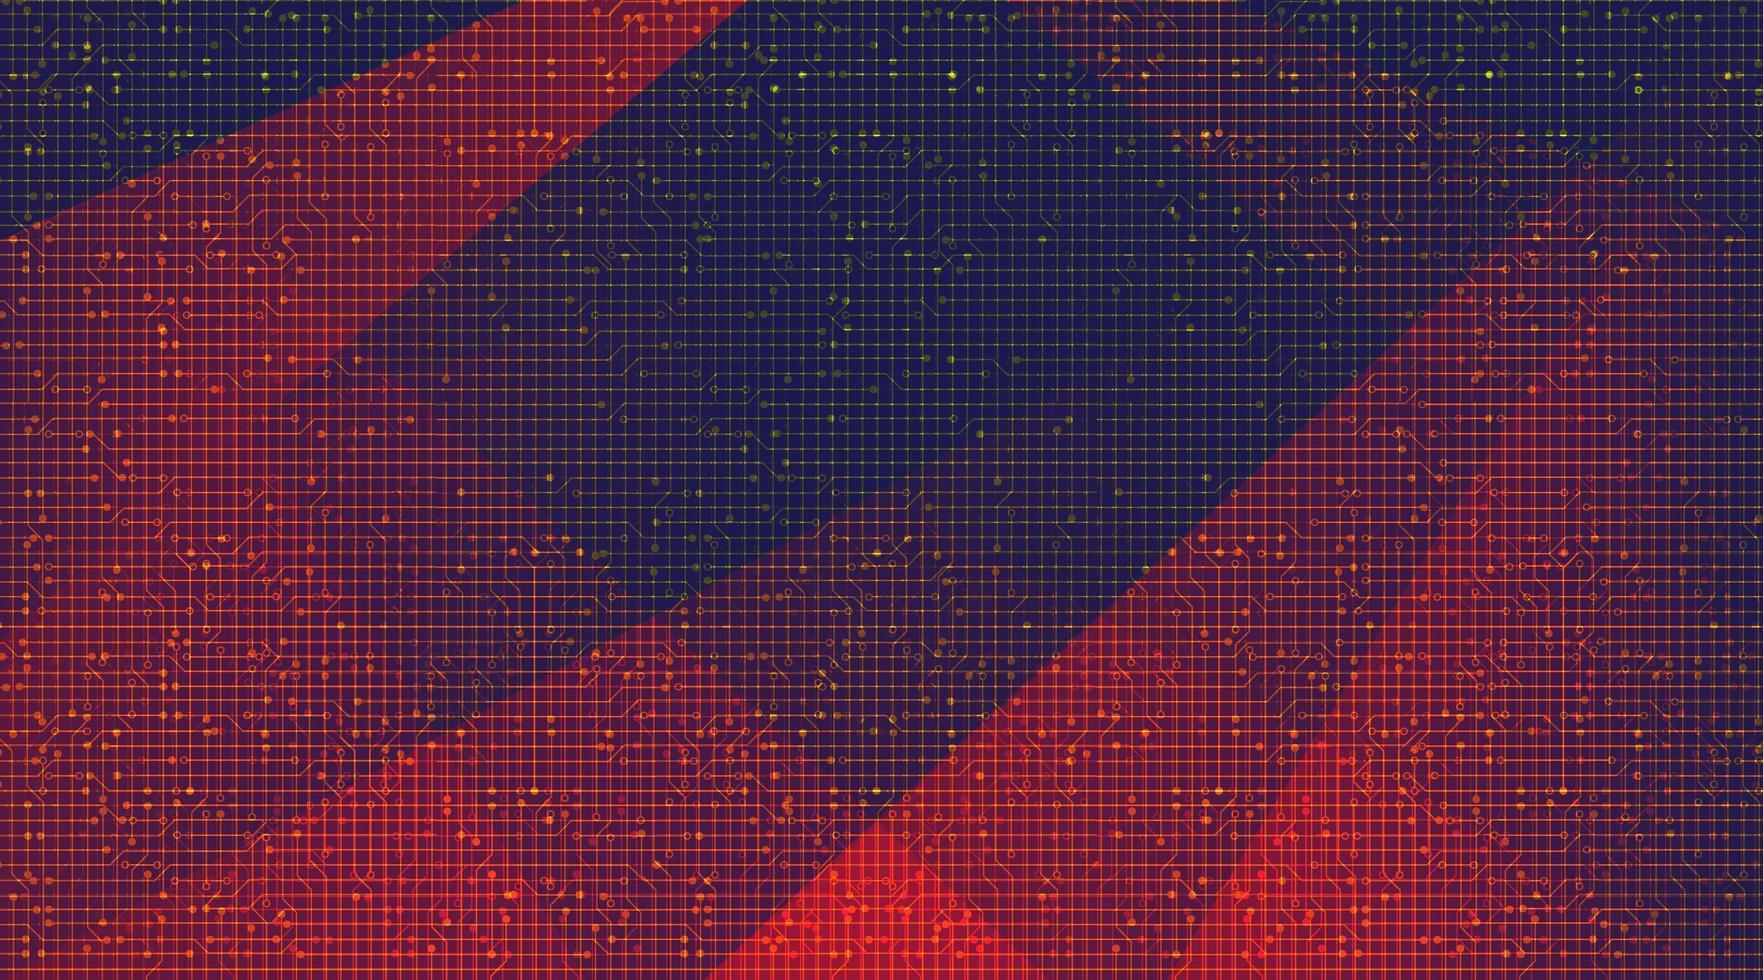 digital teknikbakgrund, högteknologisk digital och säkerhetskonceptdesign, ledigt utrymme för text i put, vektorillustration. vektor